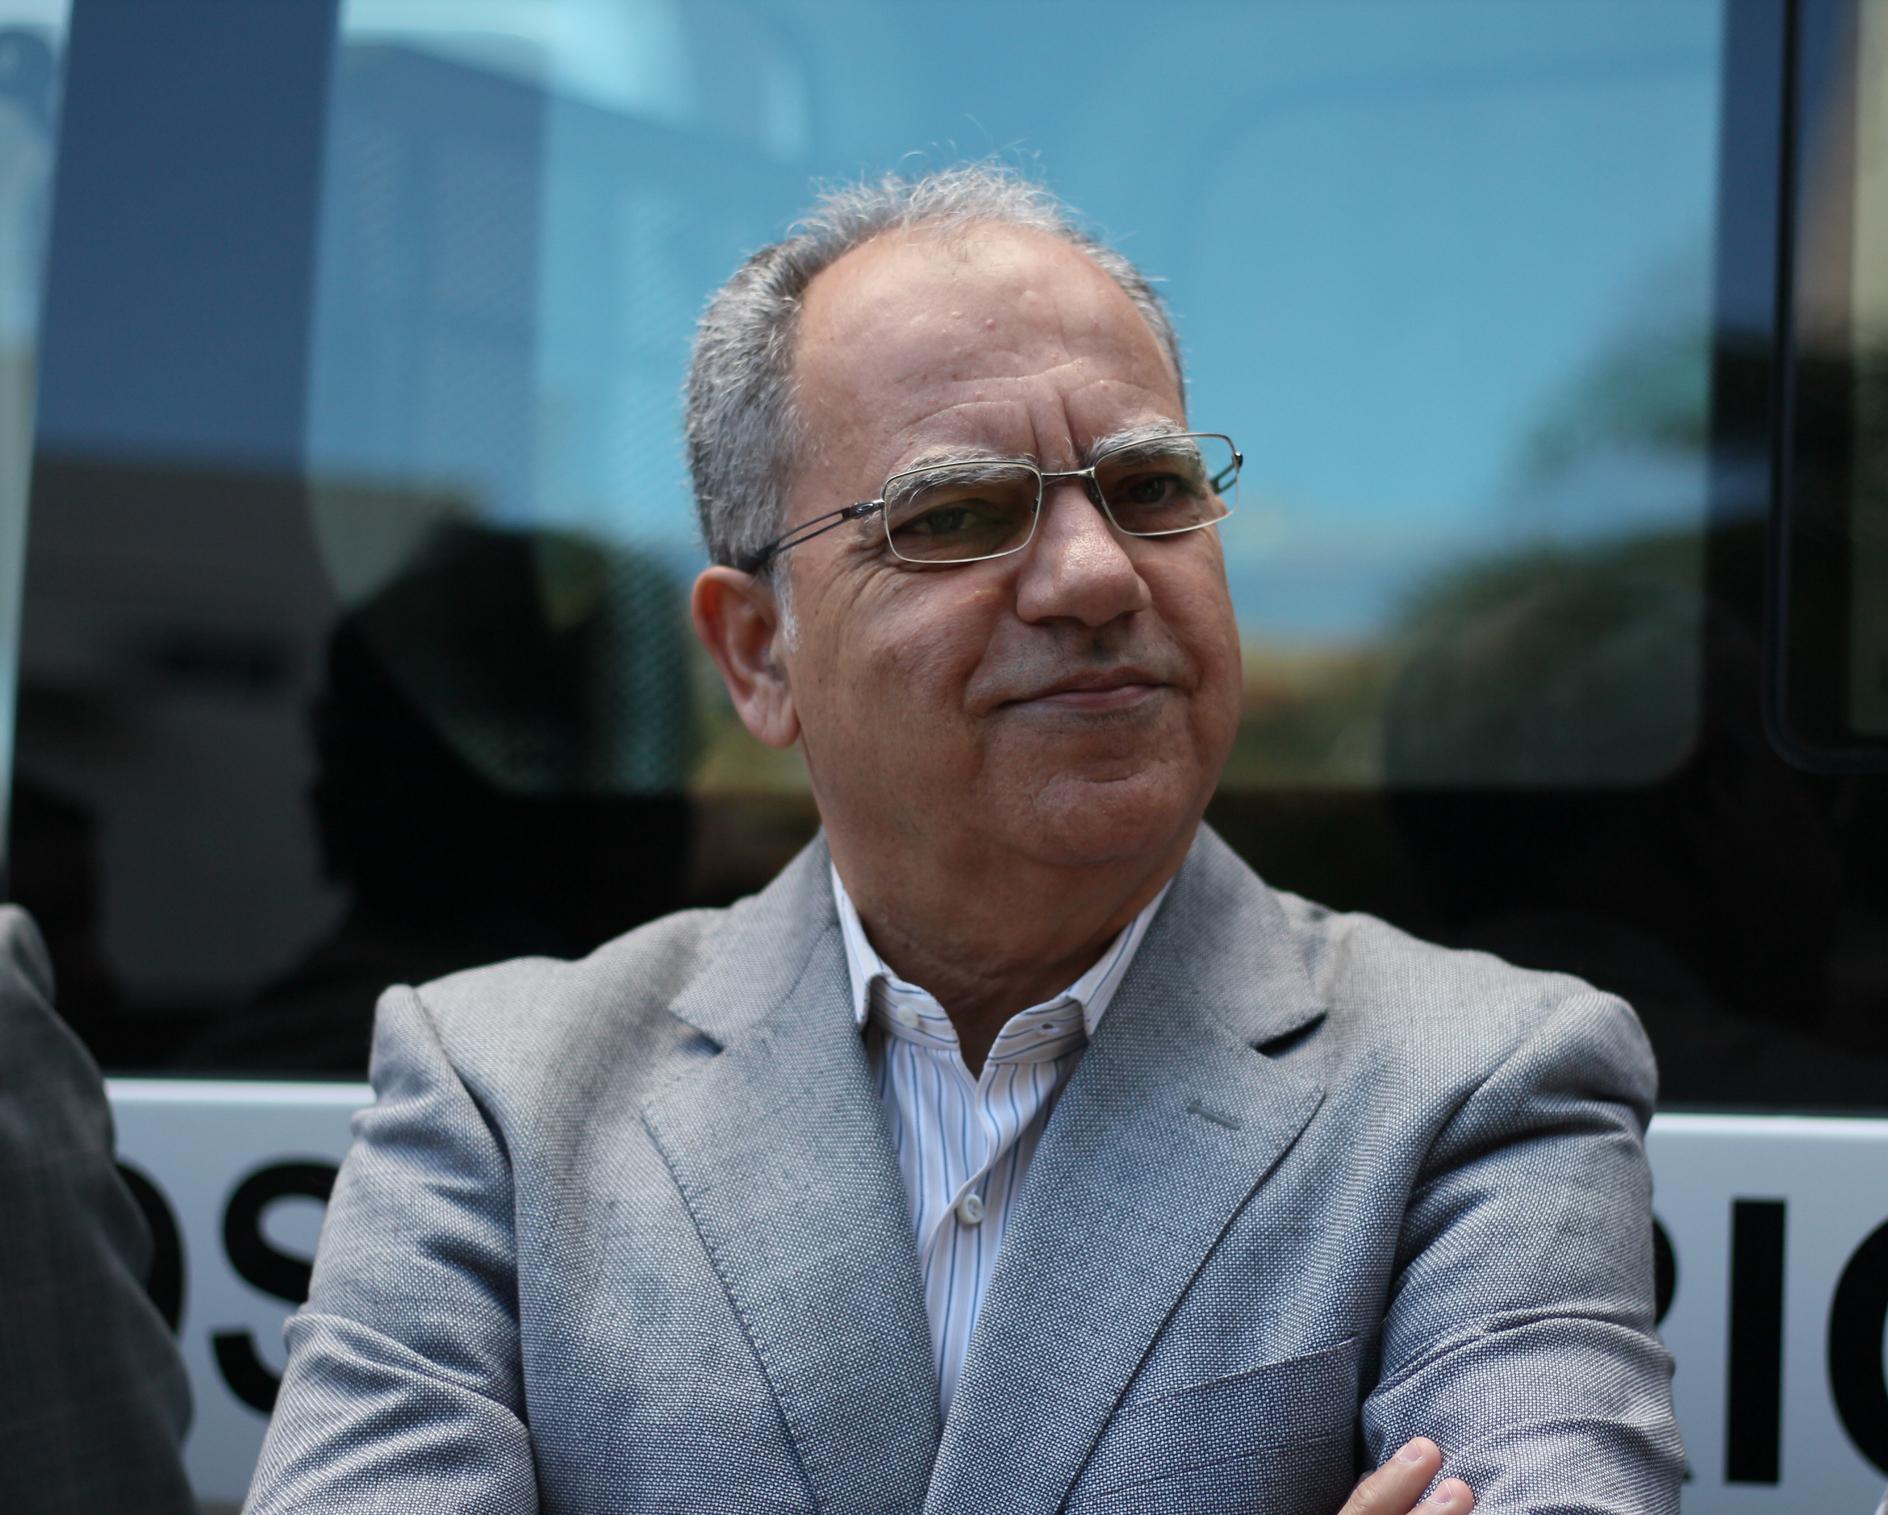 Casimiro Curbelo, anunció el abono de más de 543 mil euros para atender a 376 peticiones de ayudas sanitarias y extraordinarias